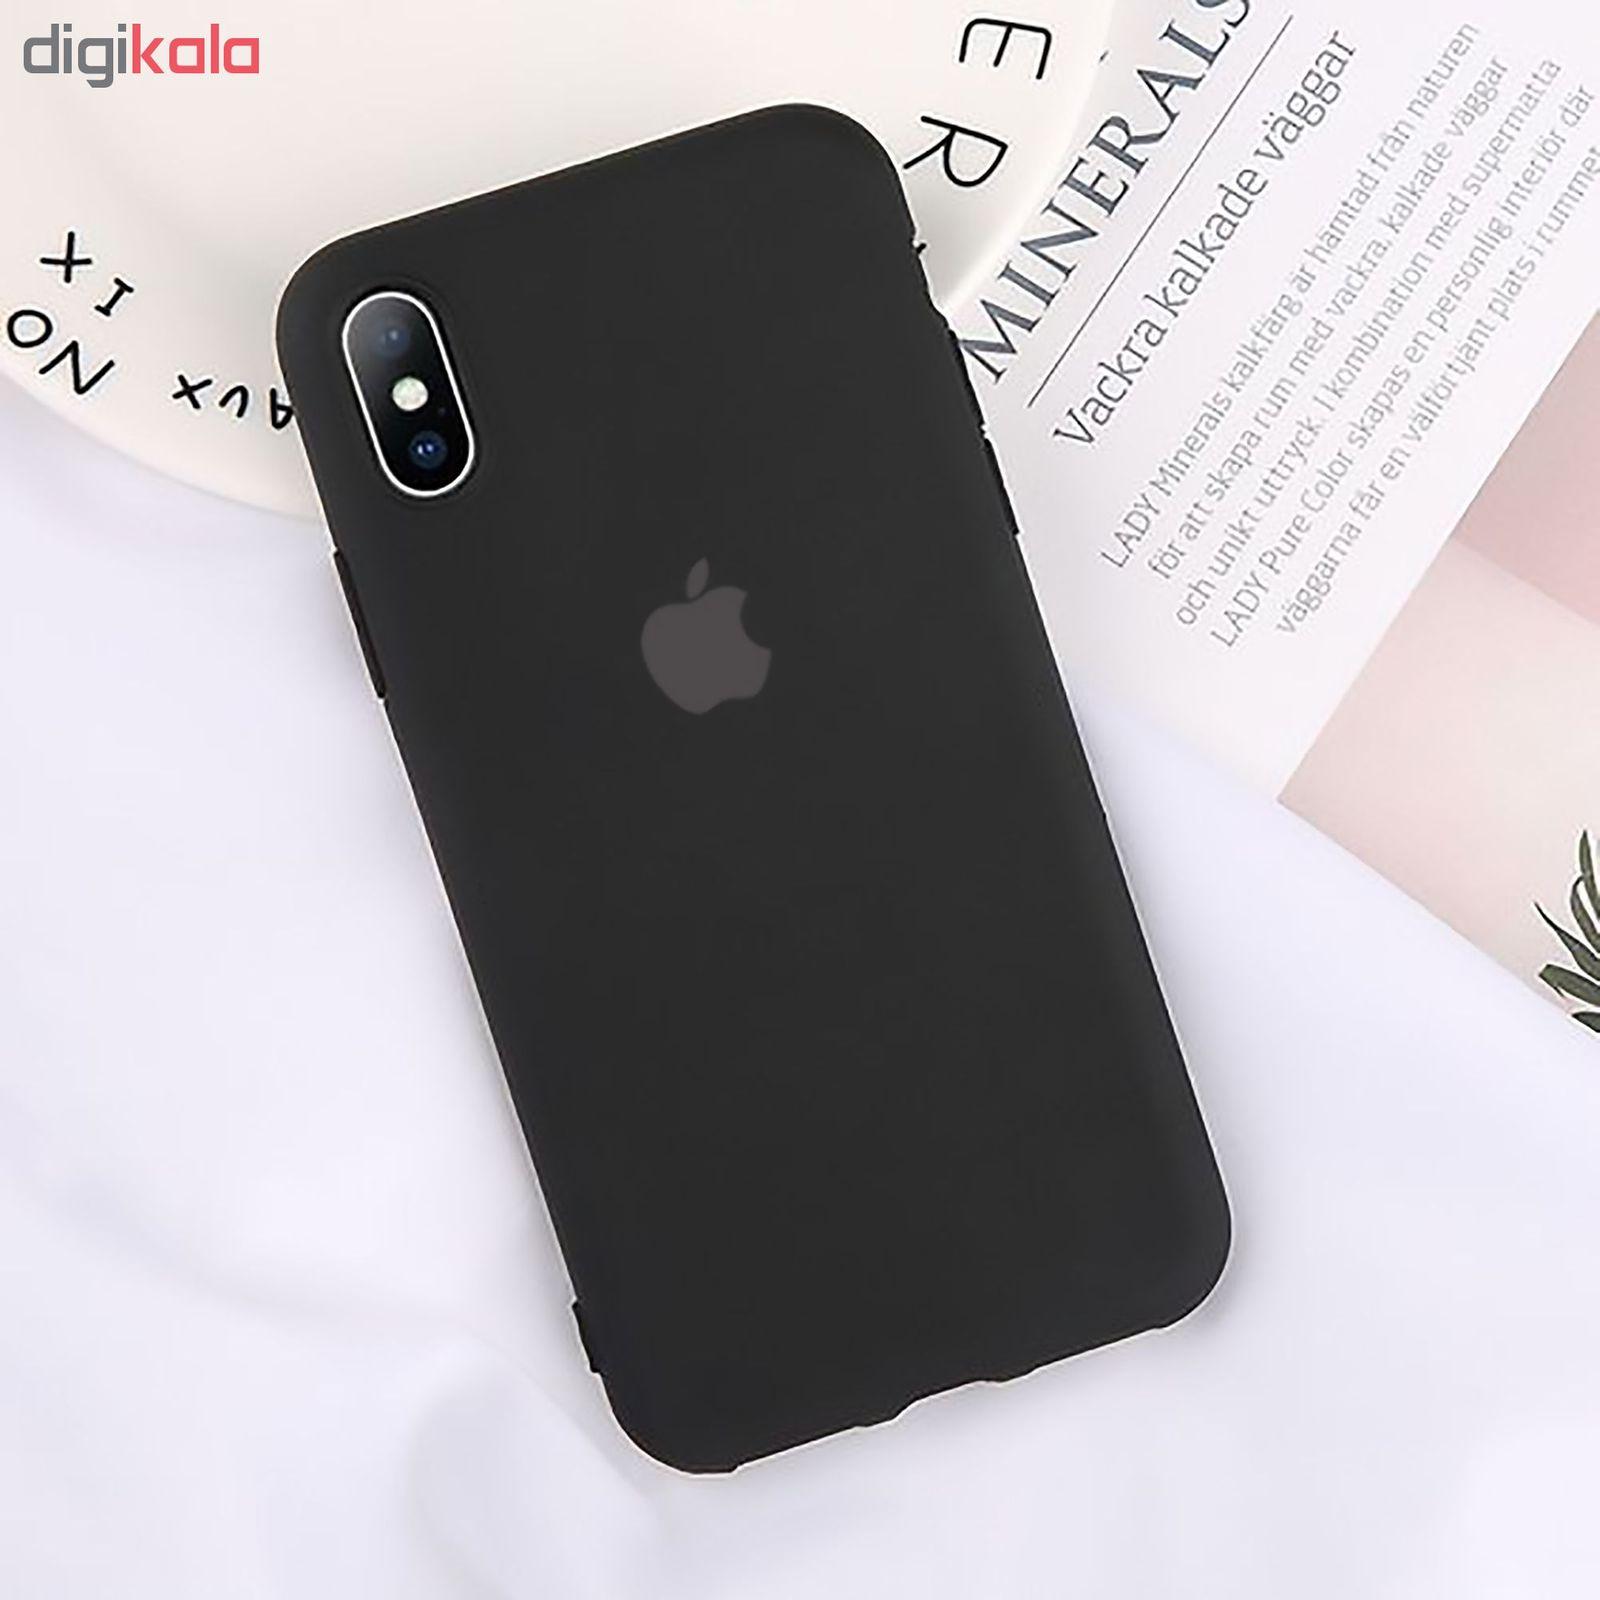 کاور  مدل Silc مناسب برای گوشی موبایل اپل Iphone Xs max main 1 17